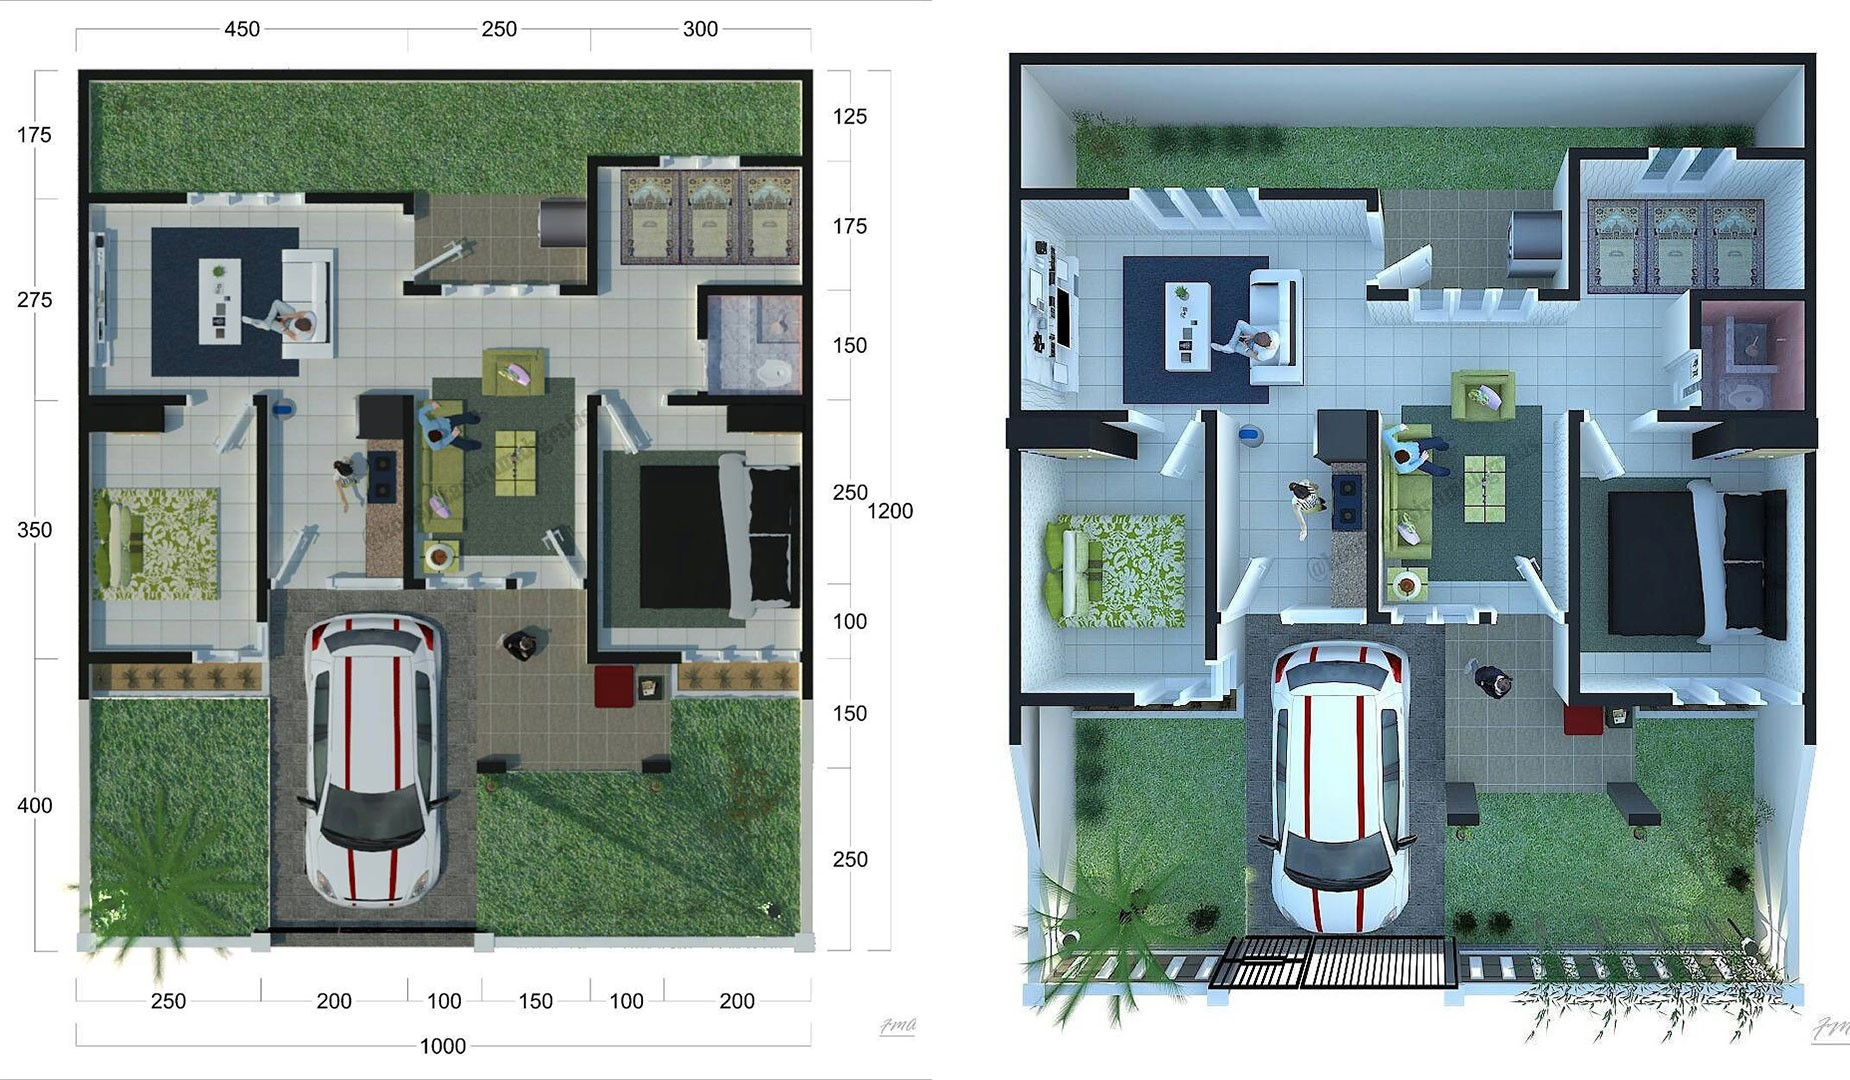 9 Gambar Denah Rumah Sederhana Lengkap 2019 Type 36 45 Dekor Rumah